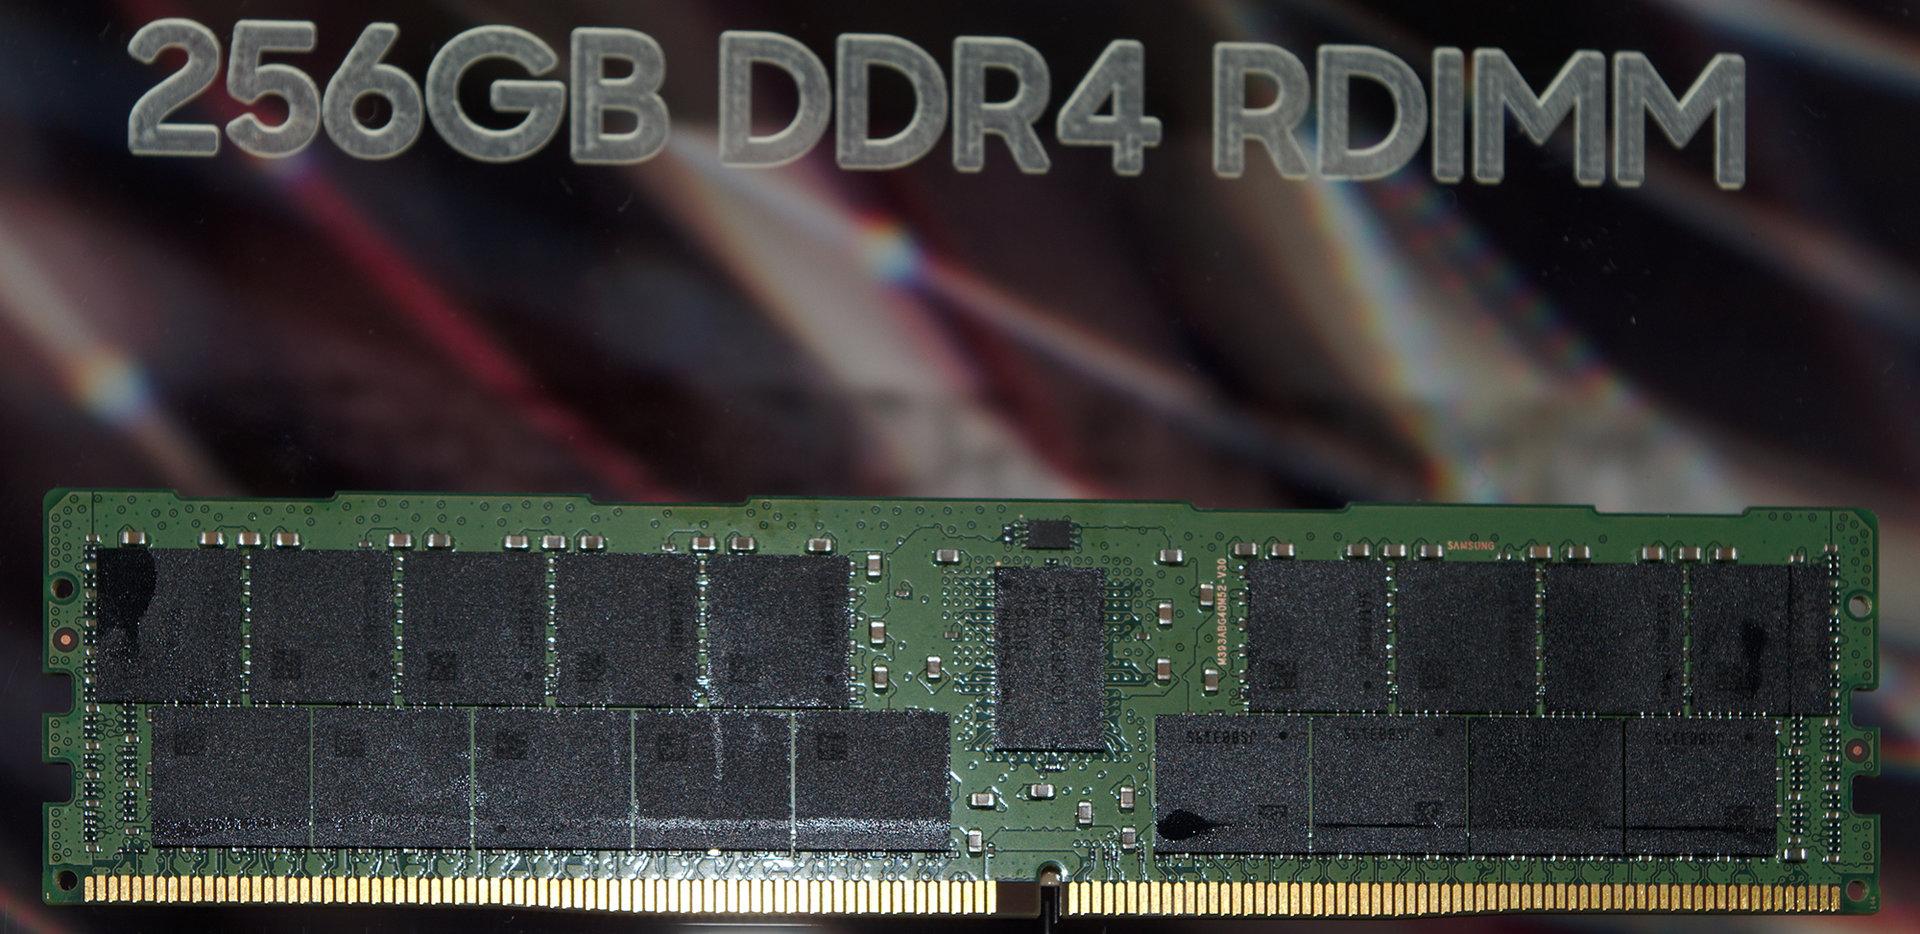 DDR4 RDIMM mit 256 GB von Samsung